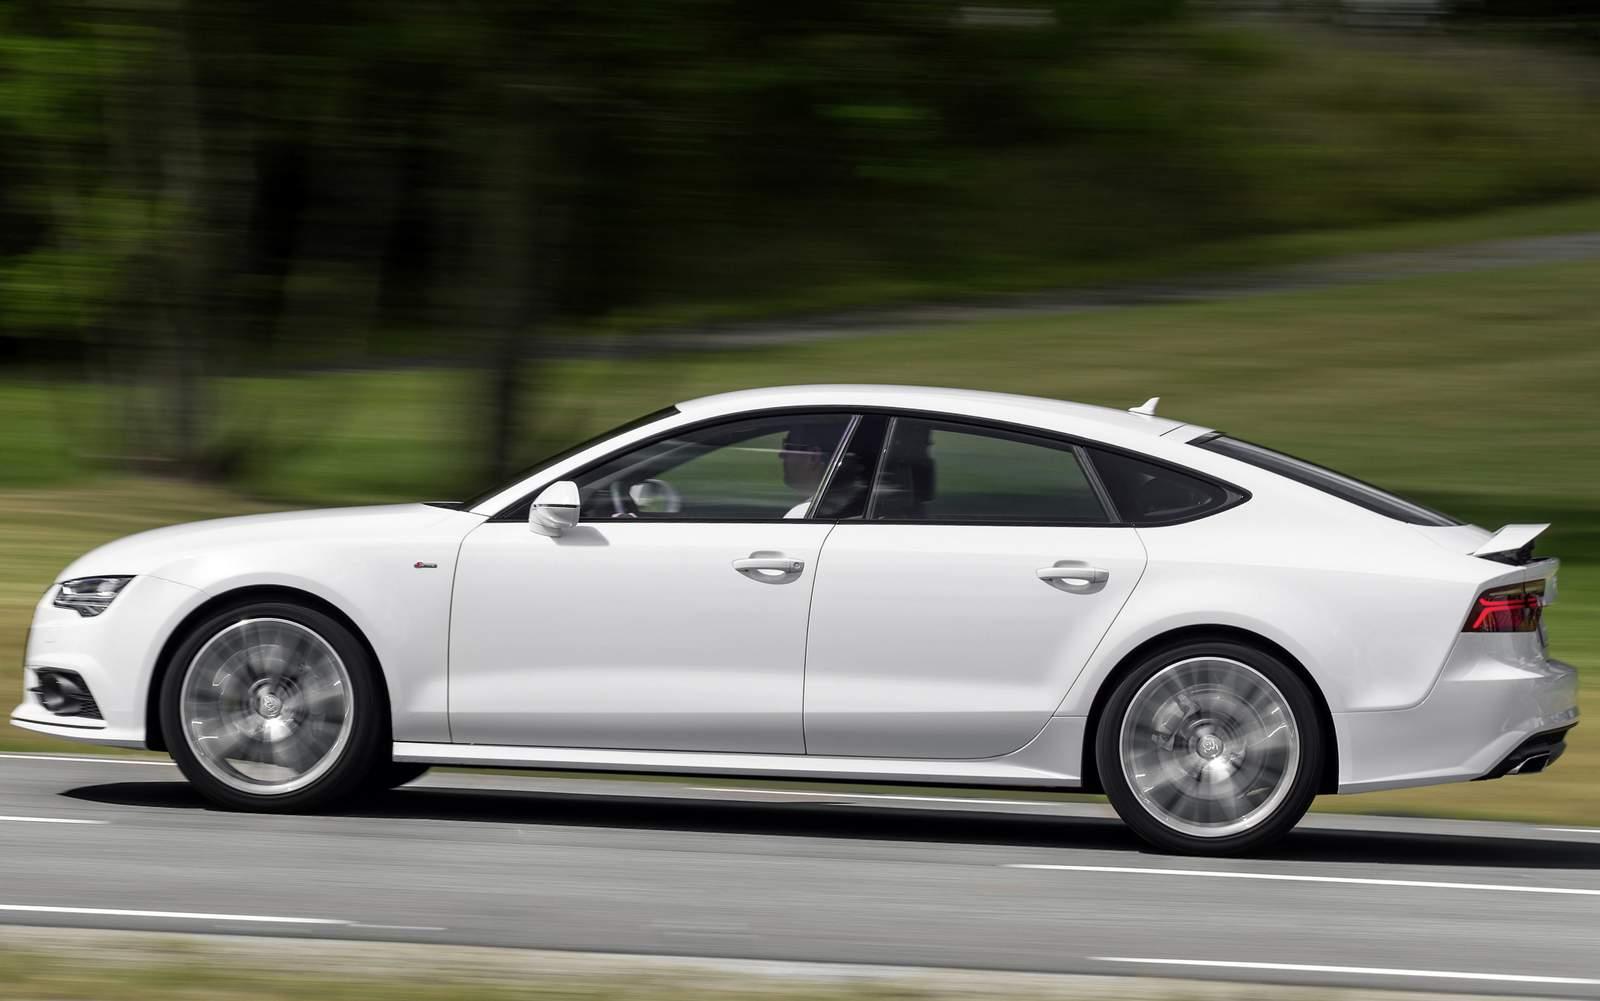 modelos 2012 a 2013 Audi A7 - recall